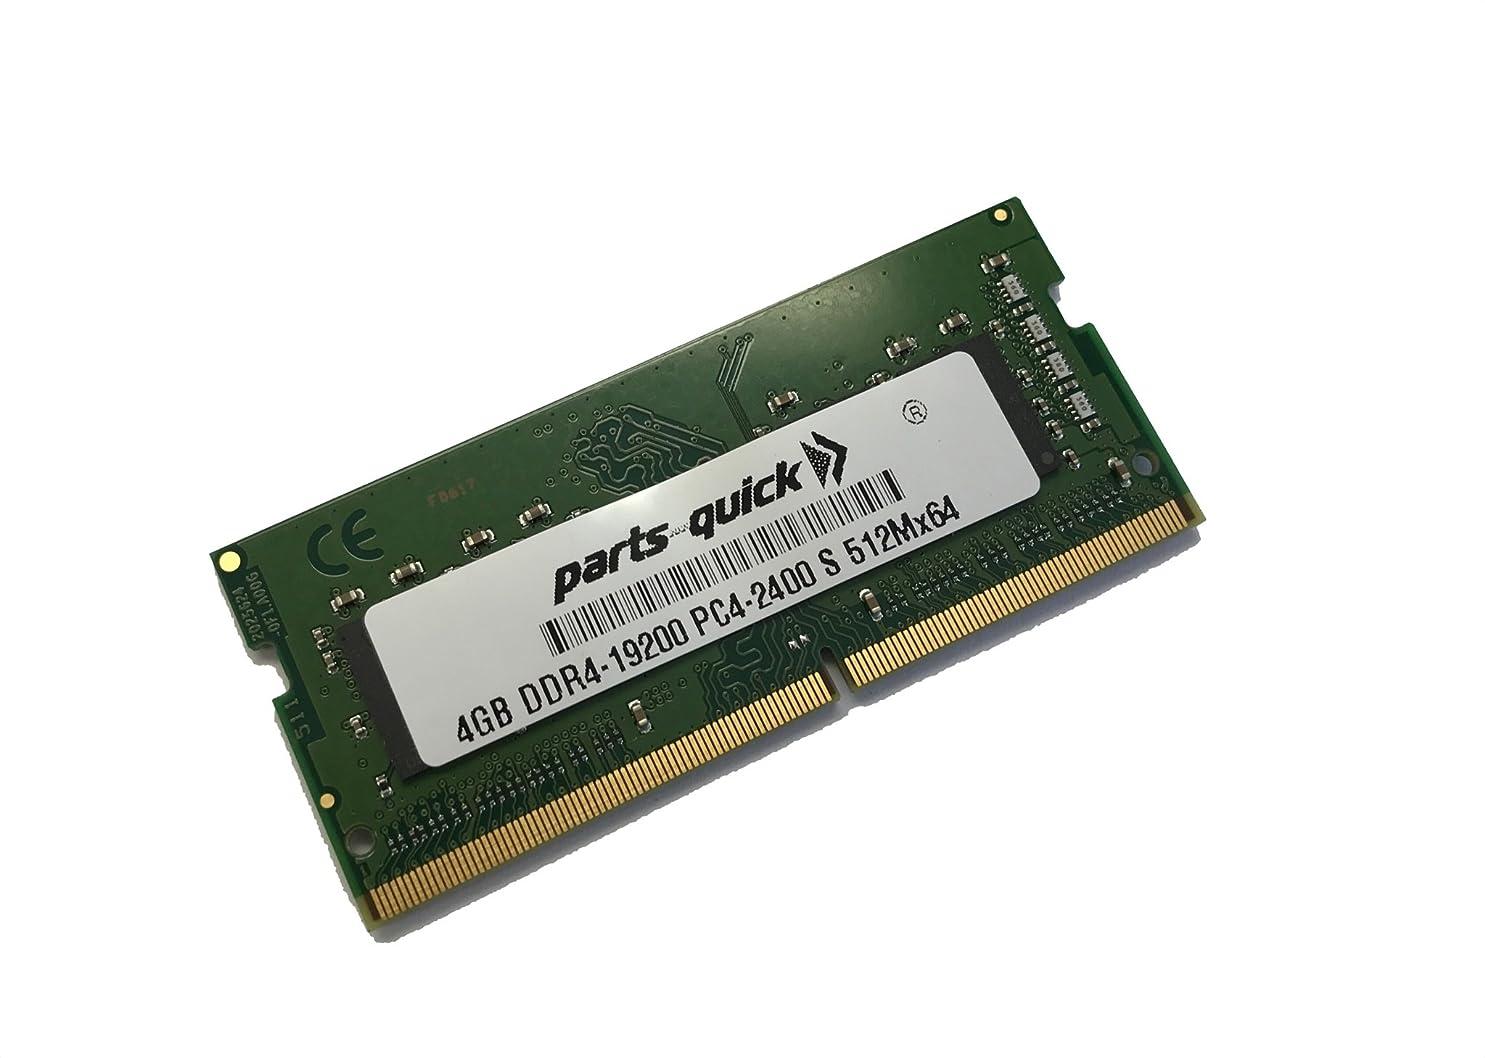 どこからかうデッドロック4?GBメモリfor LG ElectronicsノートブックLG Gram 15z980シリーズddr4?2400?MHz SODIMM RAM (parts-quickブランド)